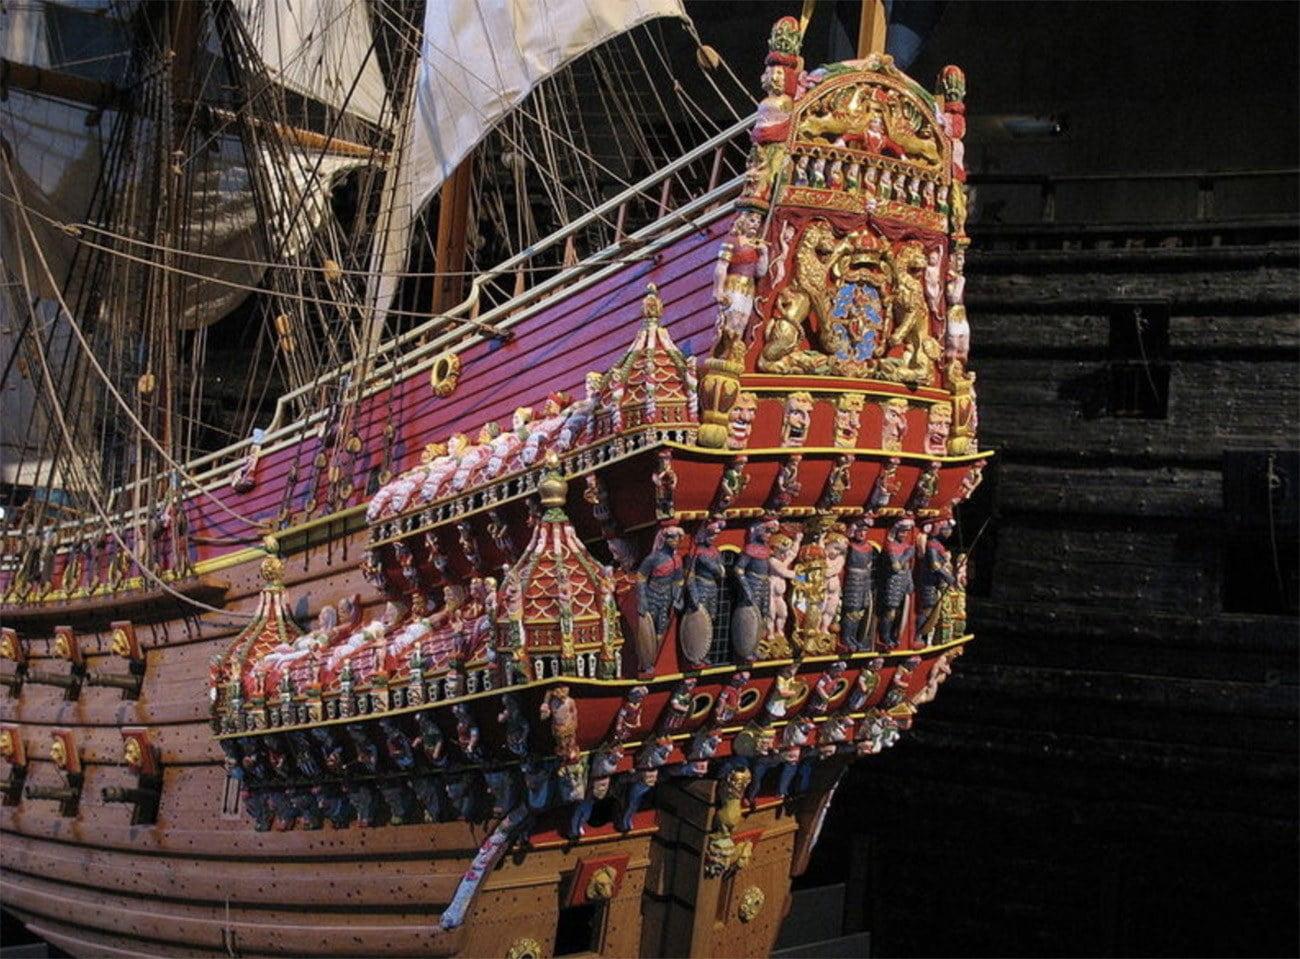 Imagem da popa do navio Vasa